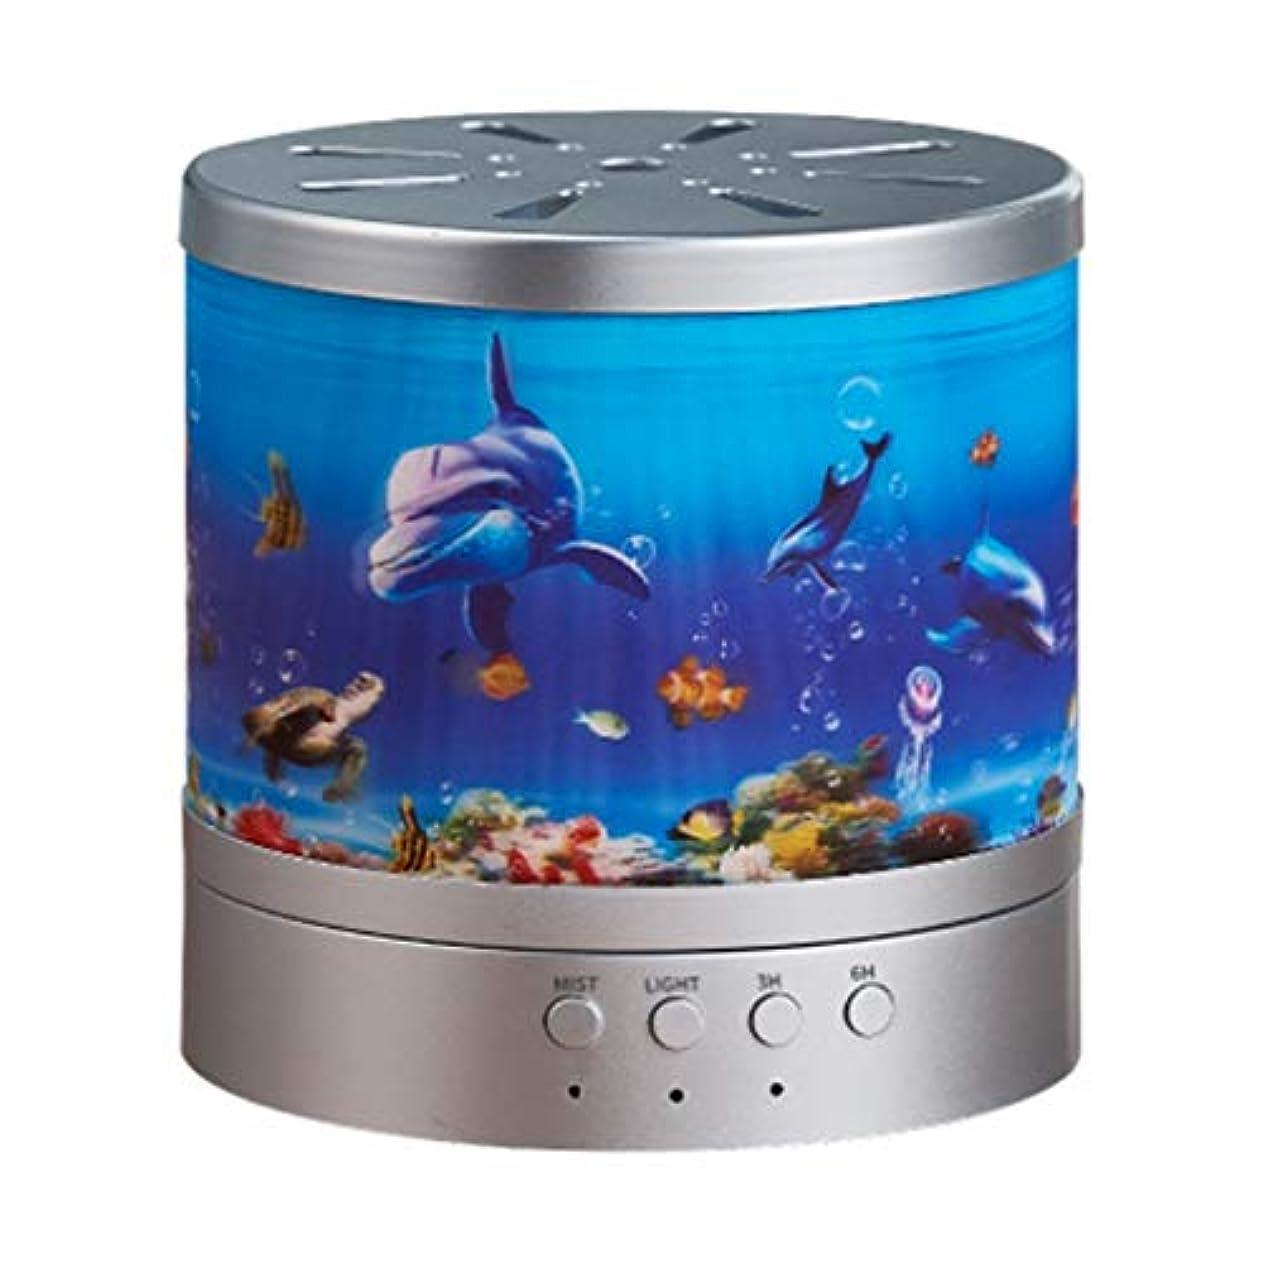 平均ハード超越する精油のための海洋の主題の拡散器超音波涼しい霧の加湿器、水なしの自動シャットオフおよび7つの色LEDライトは内務省のために変わります (Color : Silver)